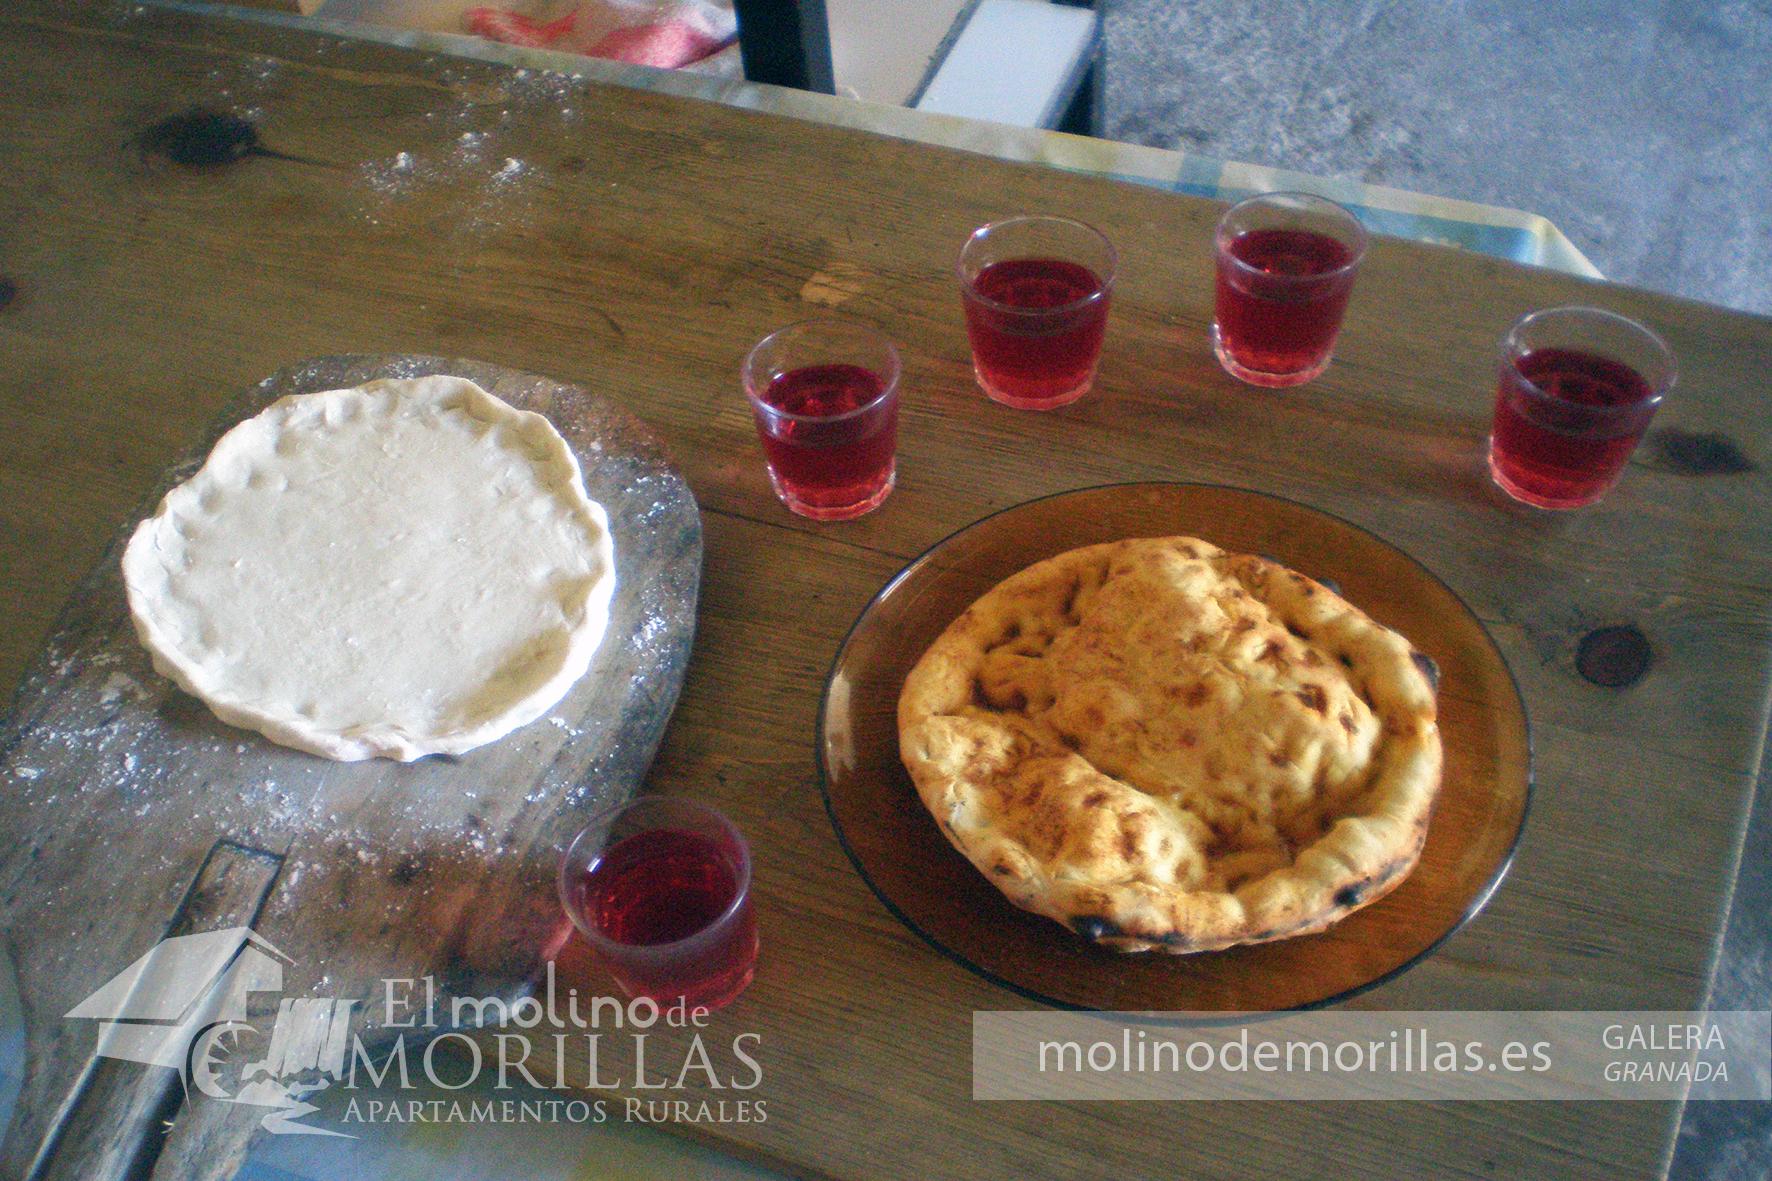 """Cata del típico vino de Galera y """"soyafas"""" de pan en horno tradicional de leña"""